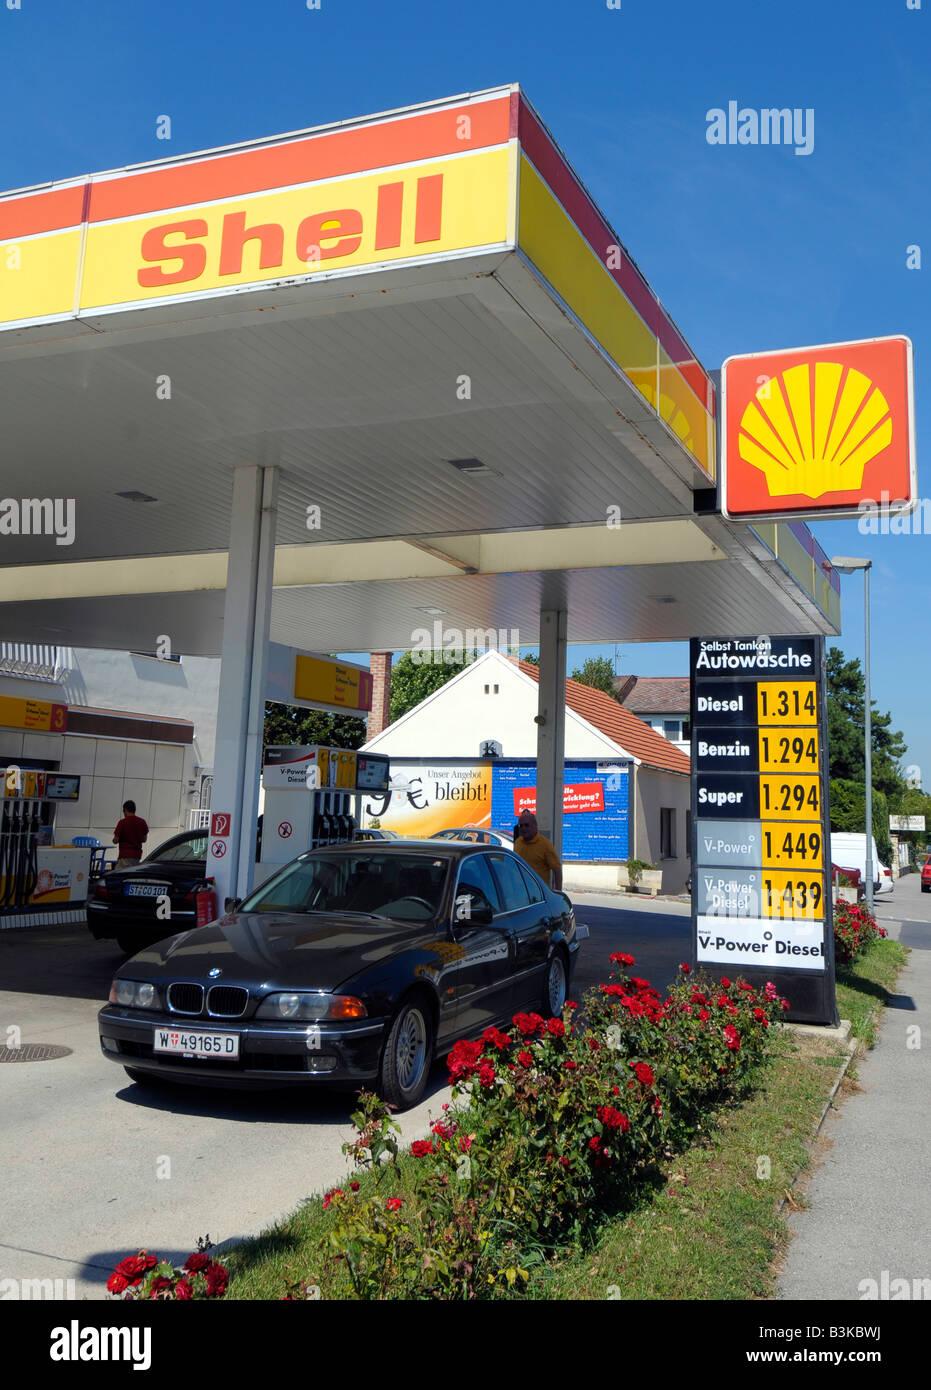 Shell Tankstelle, Österreich Stockbild